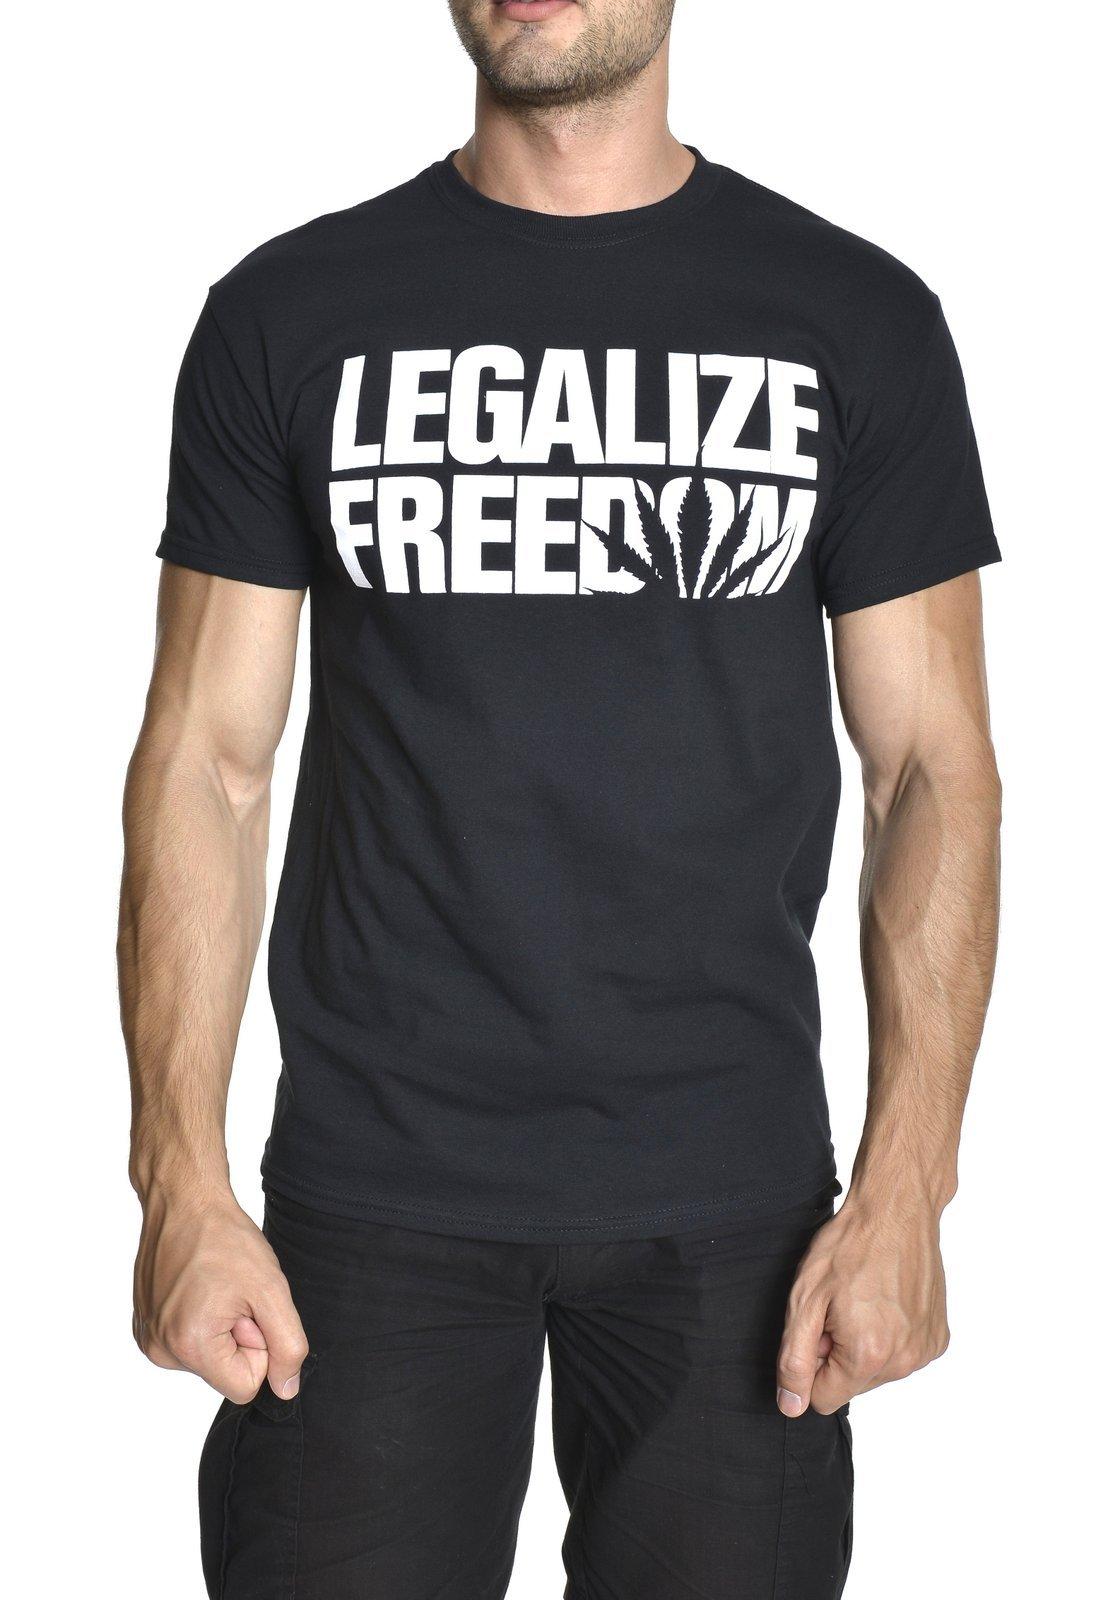 Legalize Freedom Weed Smoking Marijuana Cool Gift Novelty T-Shirt Black